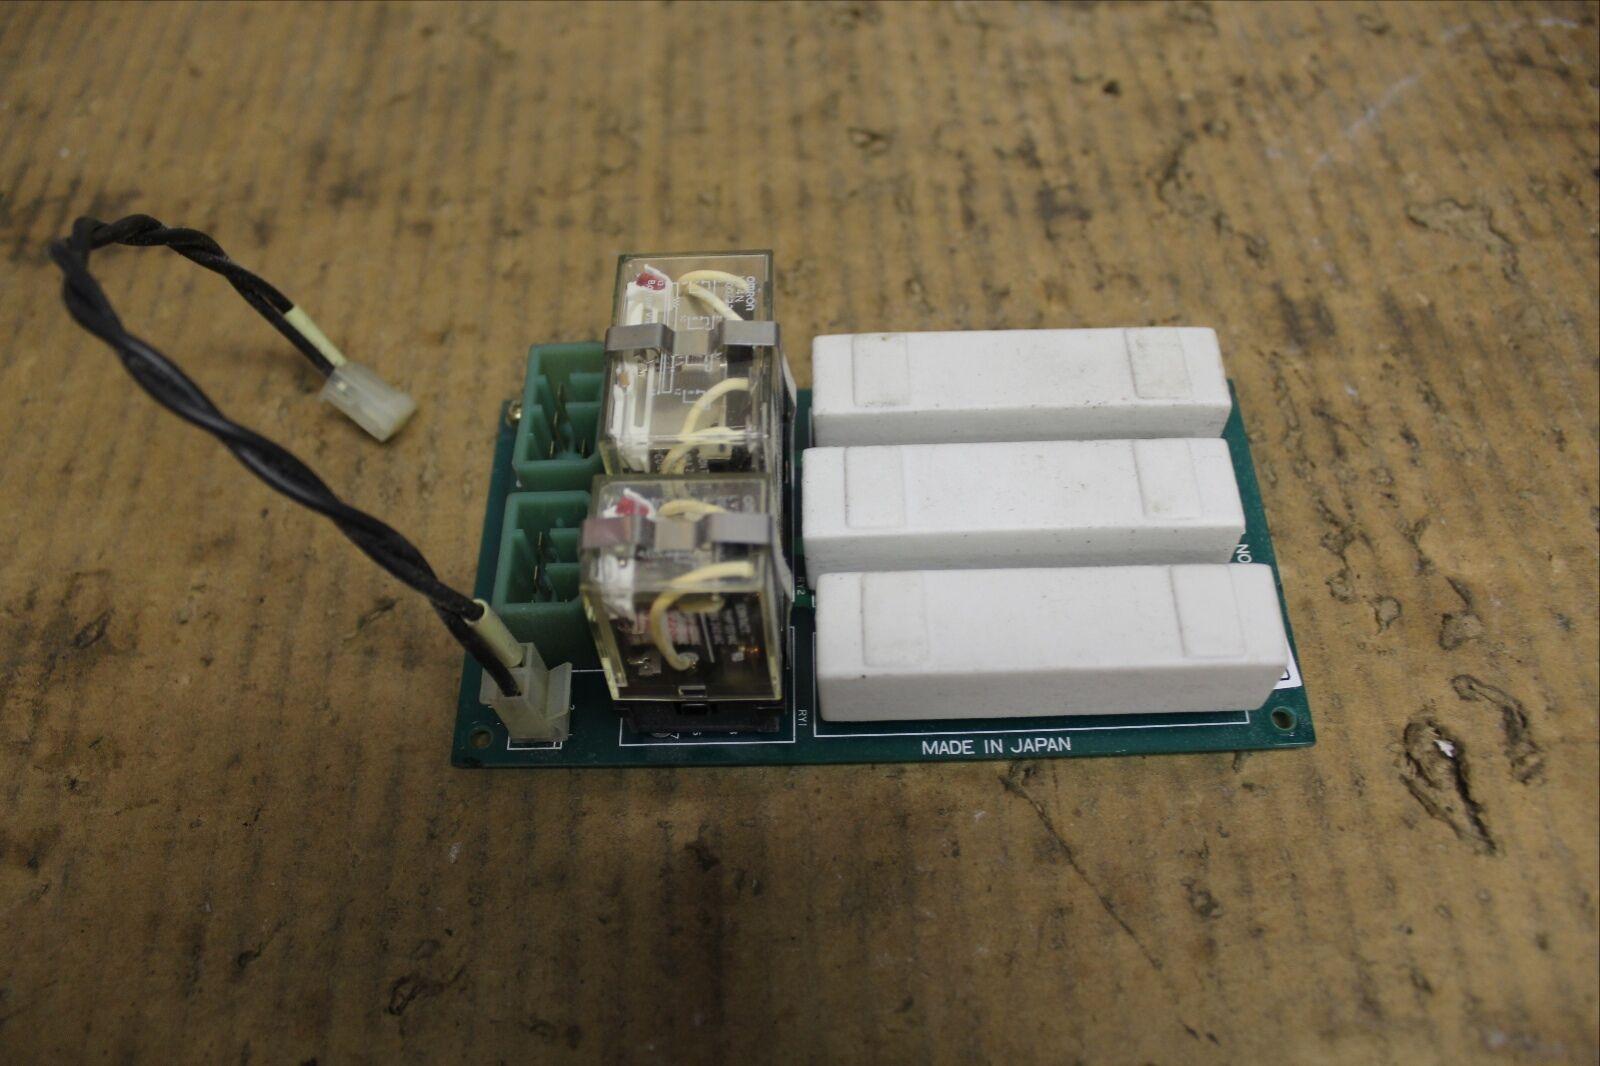 OHM ELECTRIC CIRCUIT BOARD CARD 8-179 8179